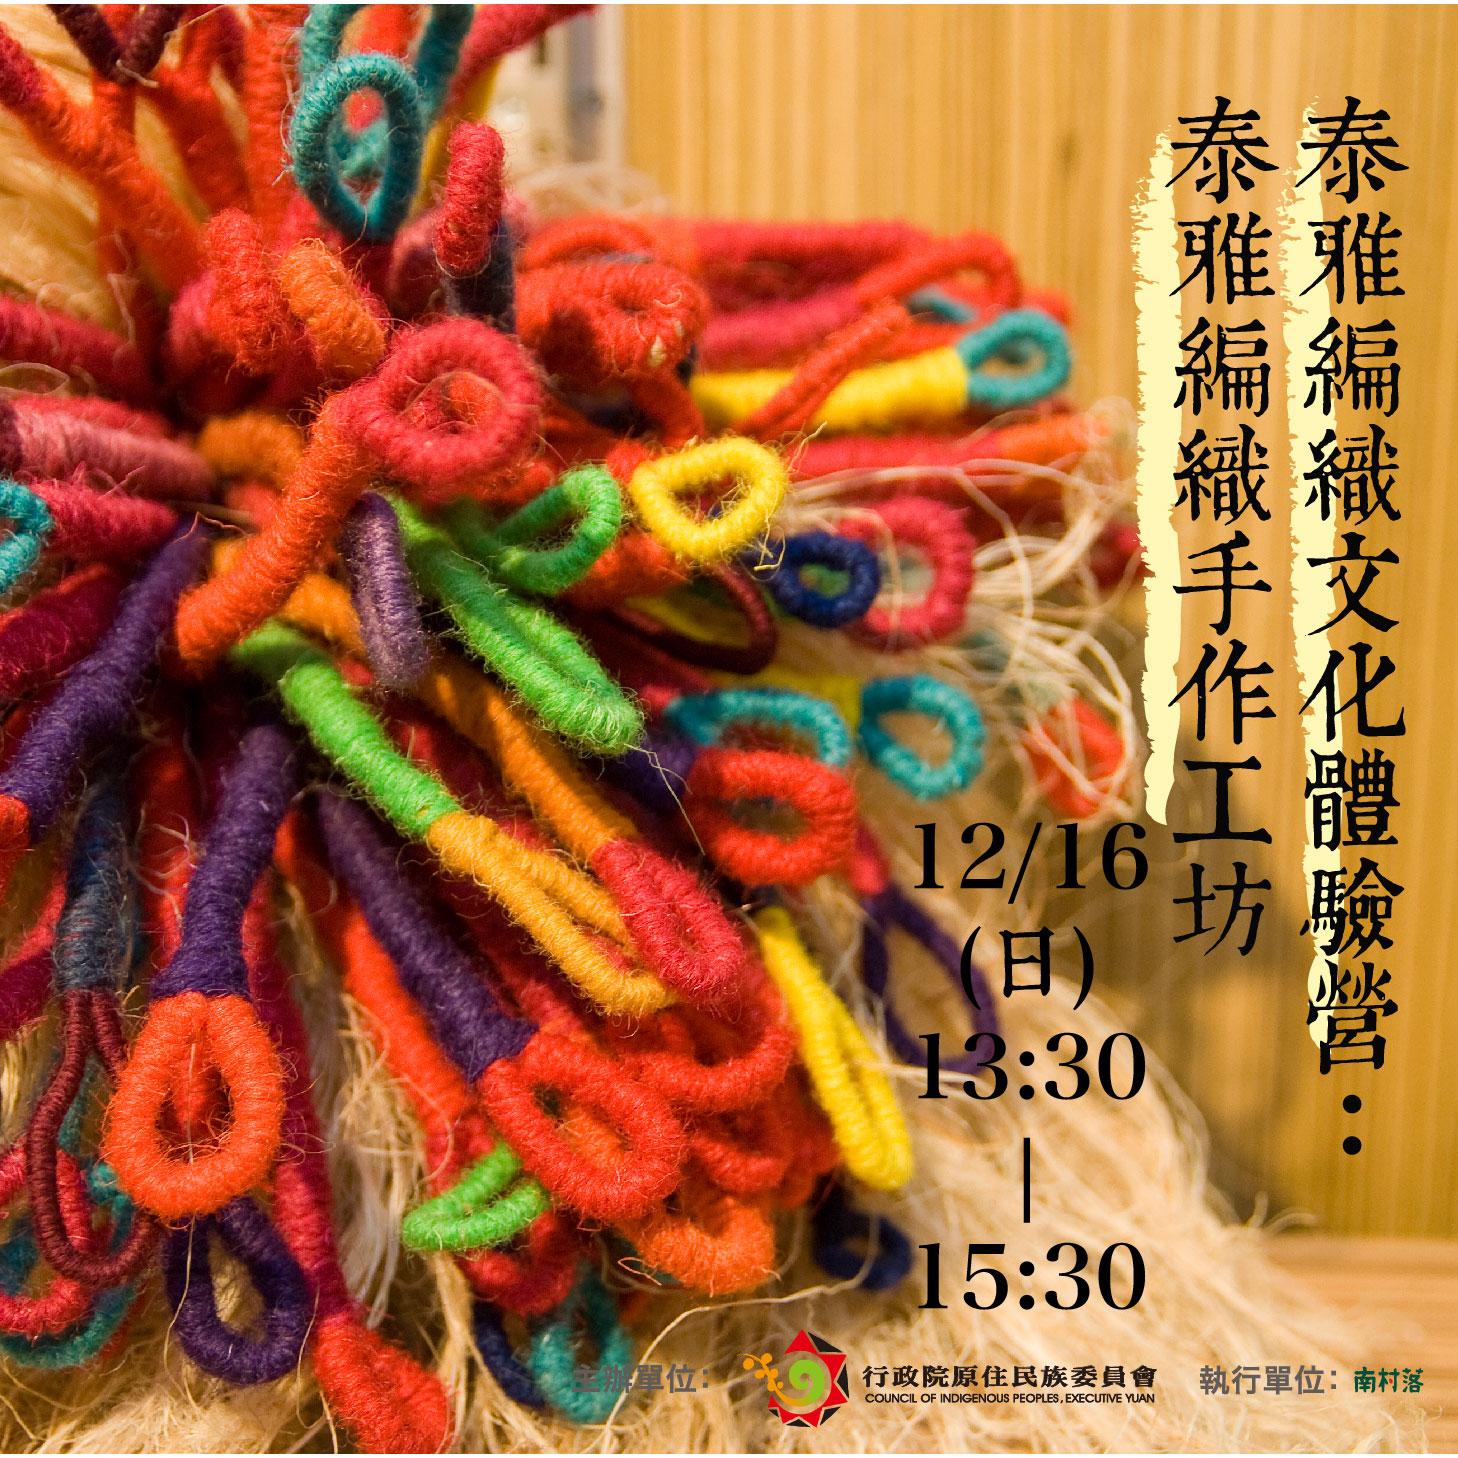 泰雅編織文化體驗營 泰雅編織